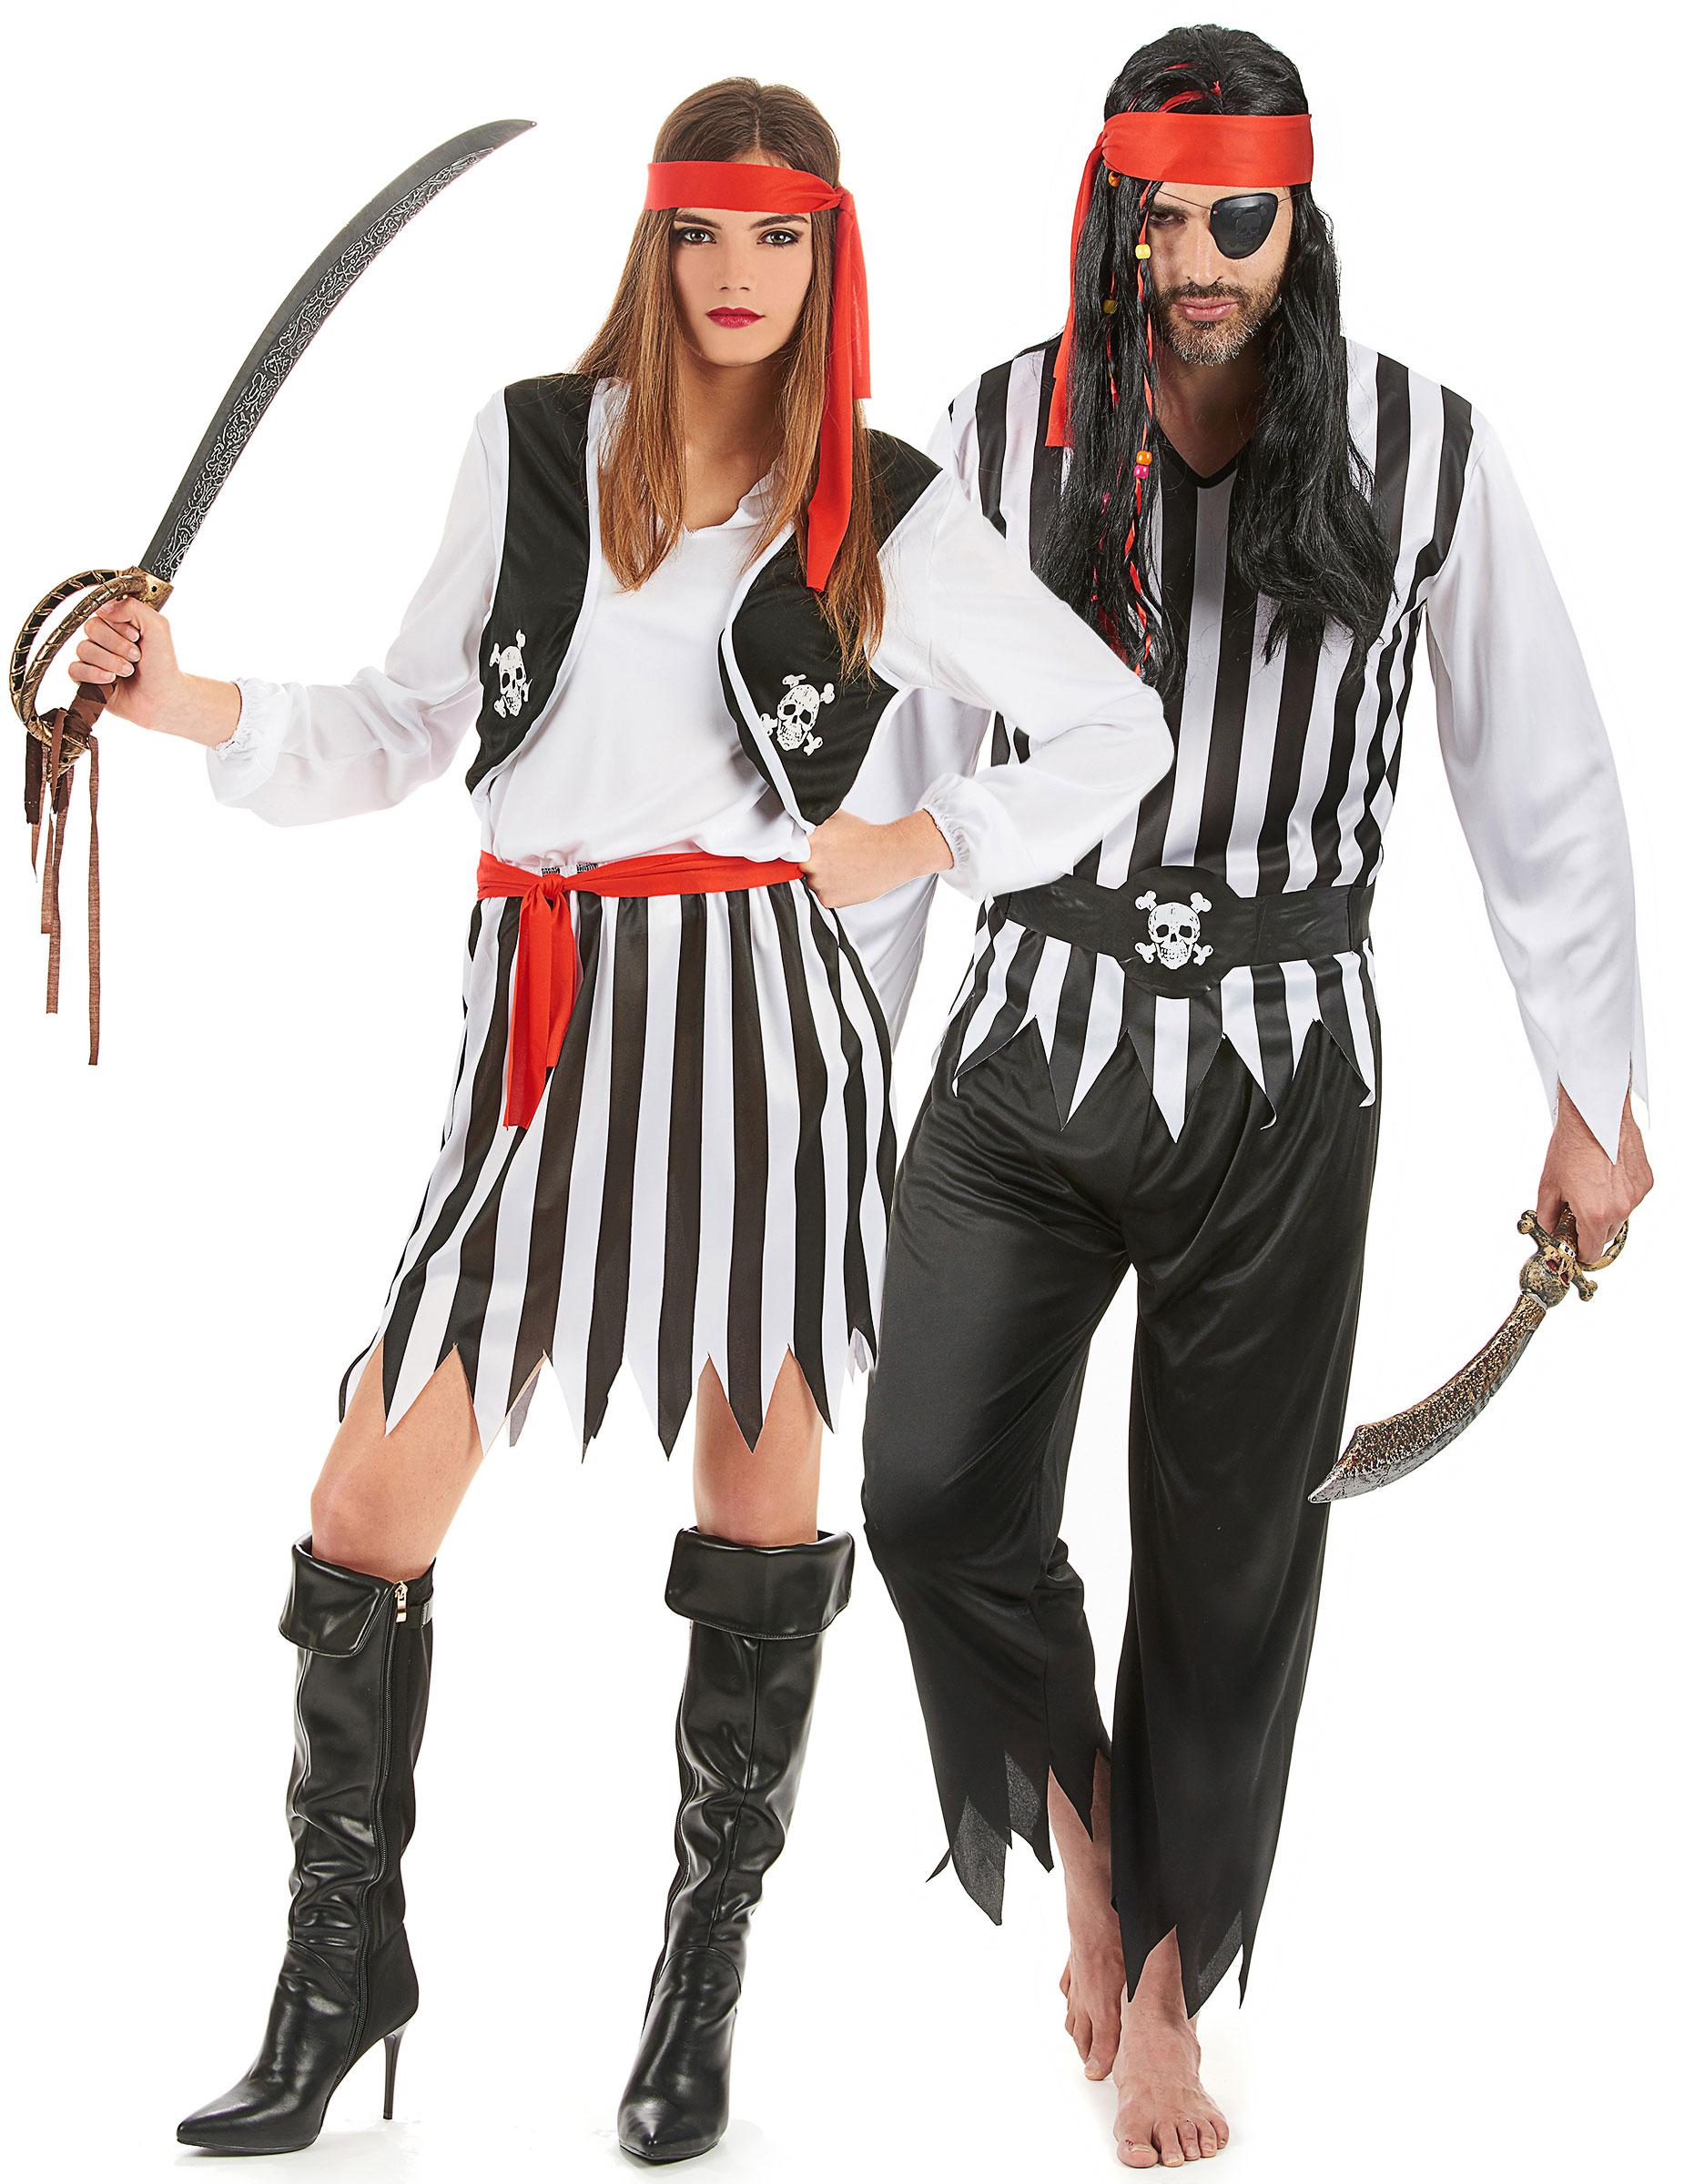 98286b4cc618de Costume coppia pirati a righe per adulto: Costumi coppia,e vestiti ...